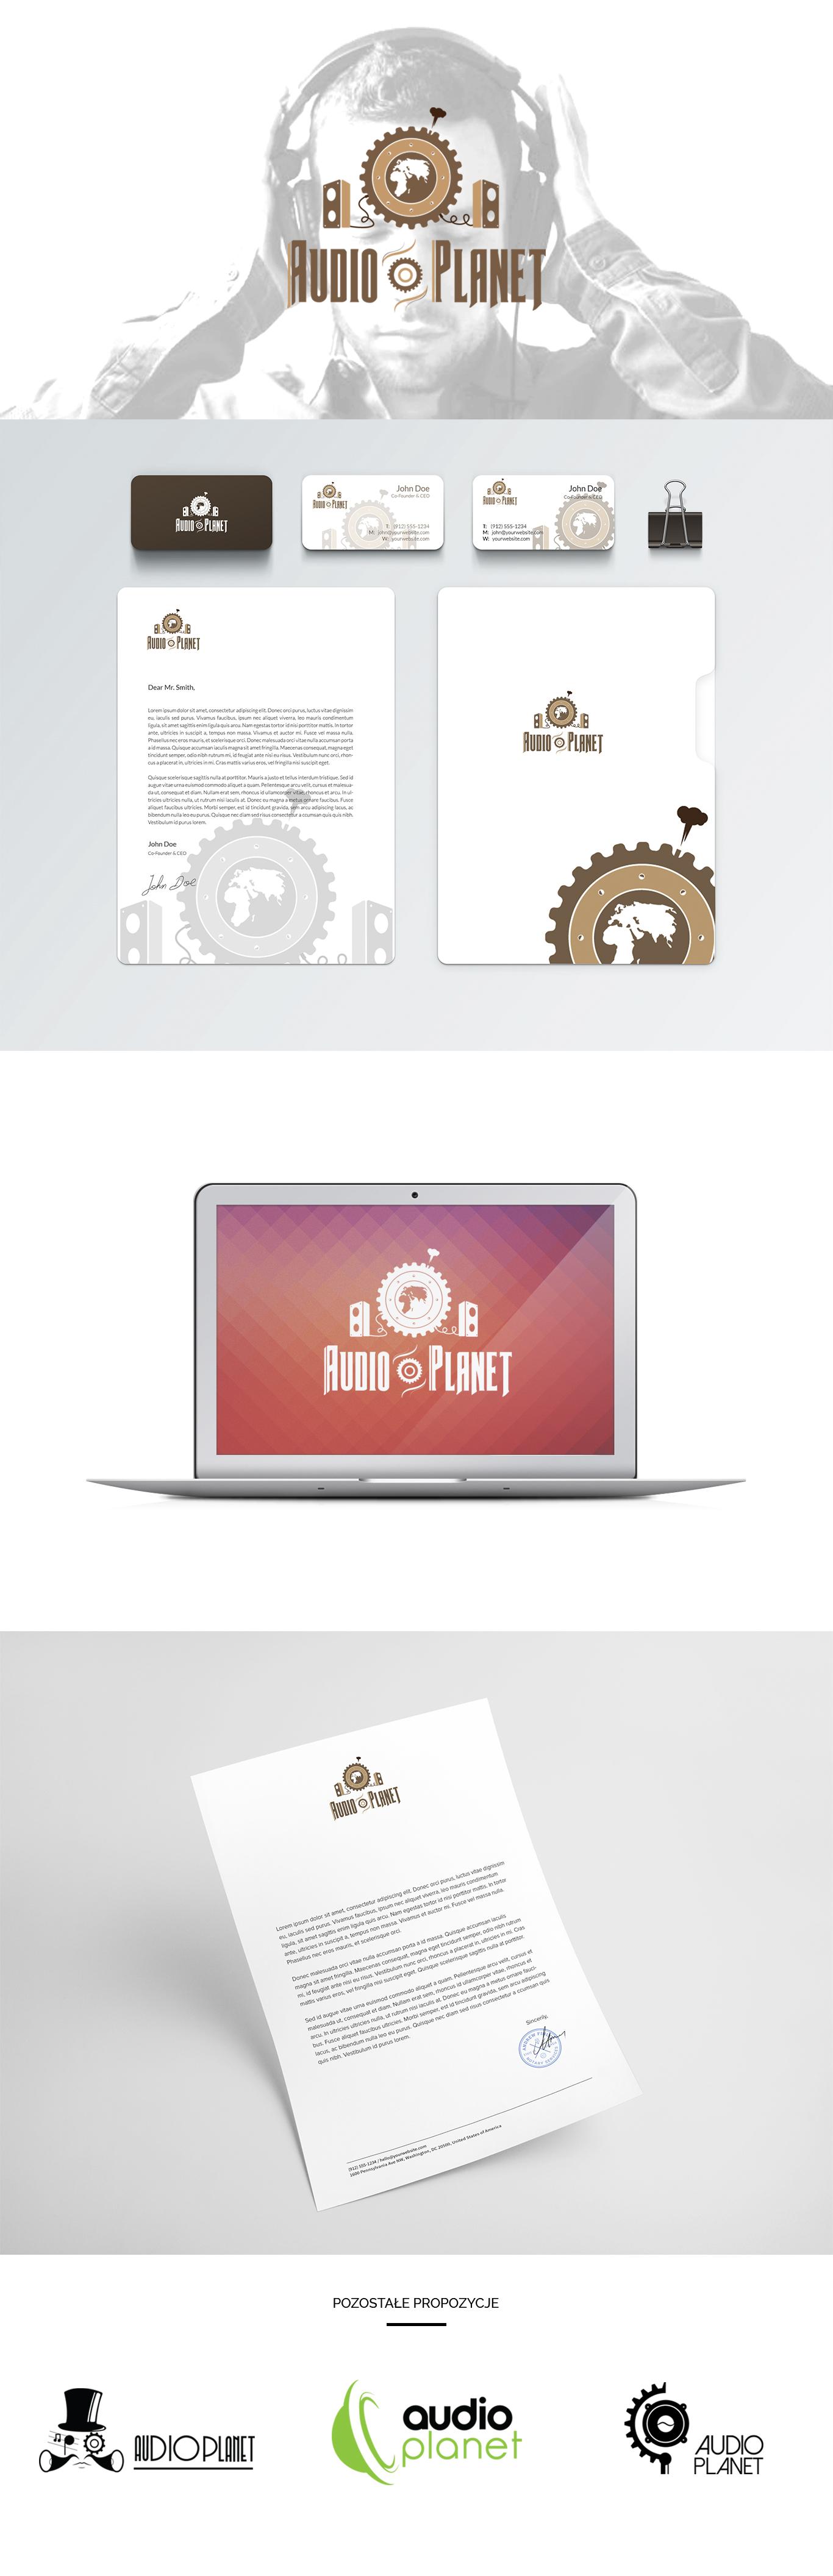 Logo, wizytówki, identyfikacja wizualna